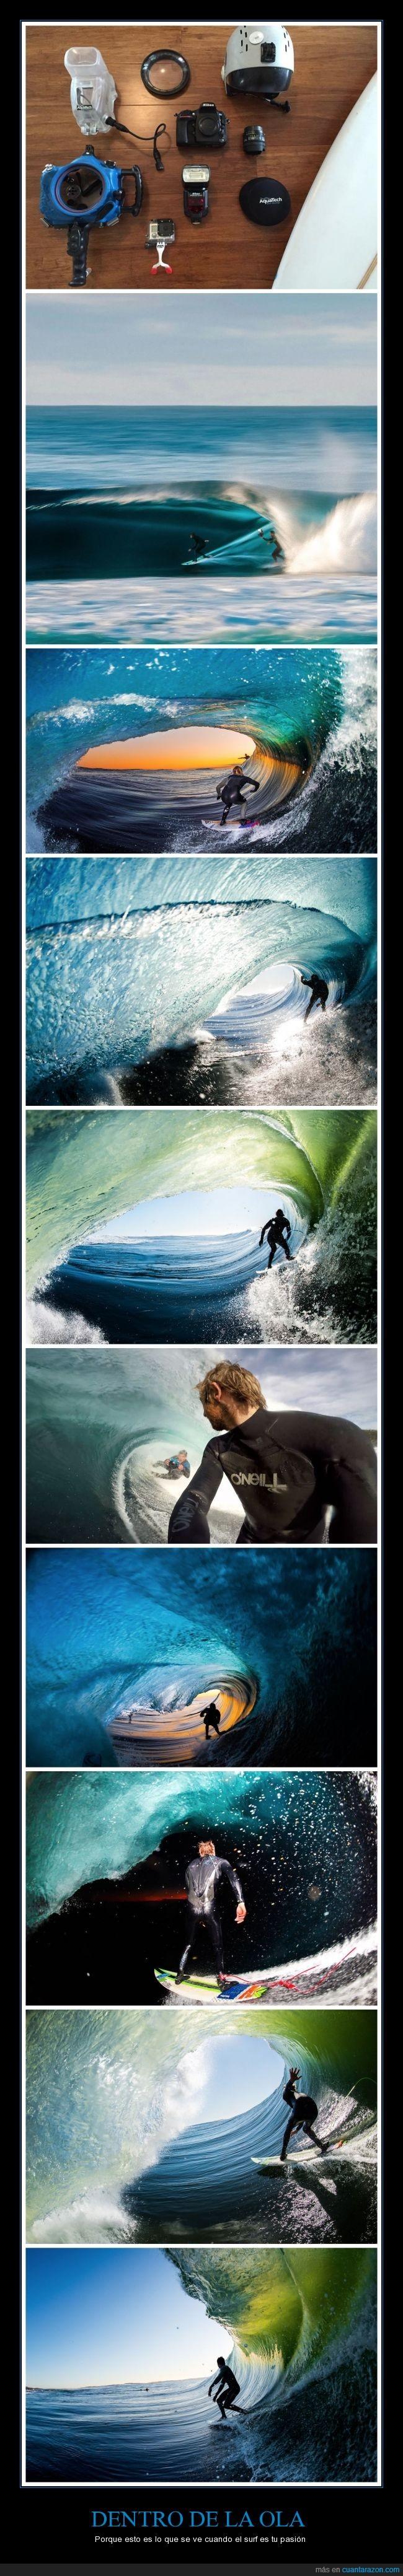 fotogrado,fotografía,mar,nocturna,ocaso,pasión,surf,surfista,tubo